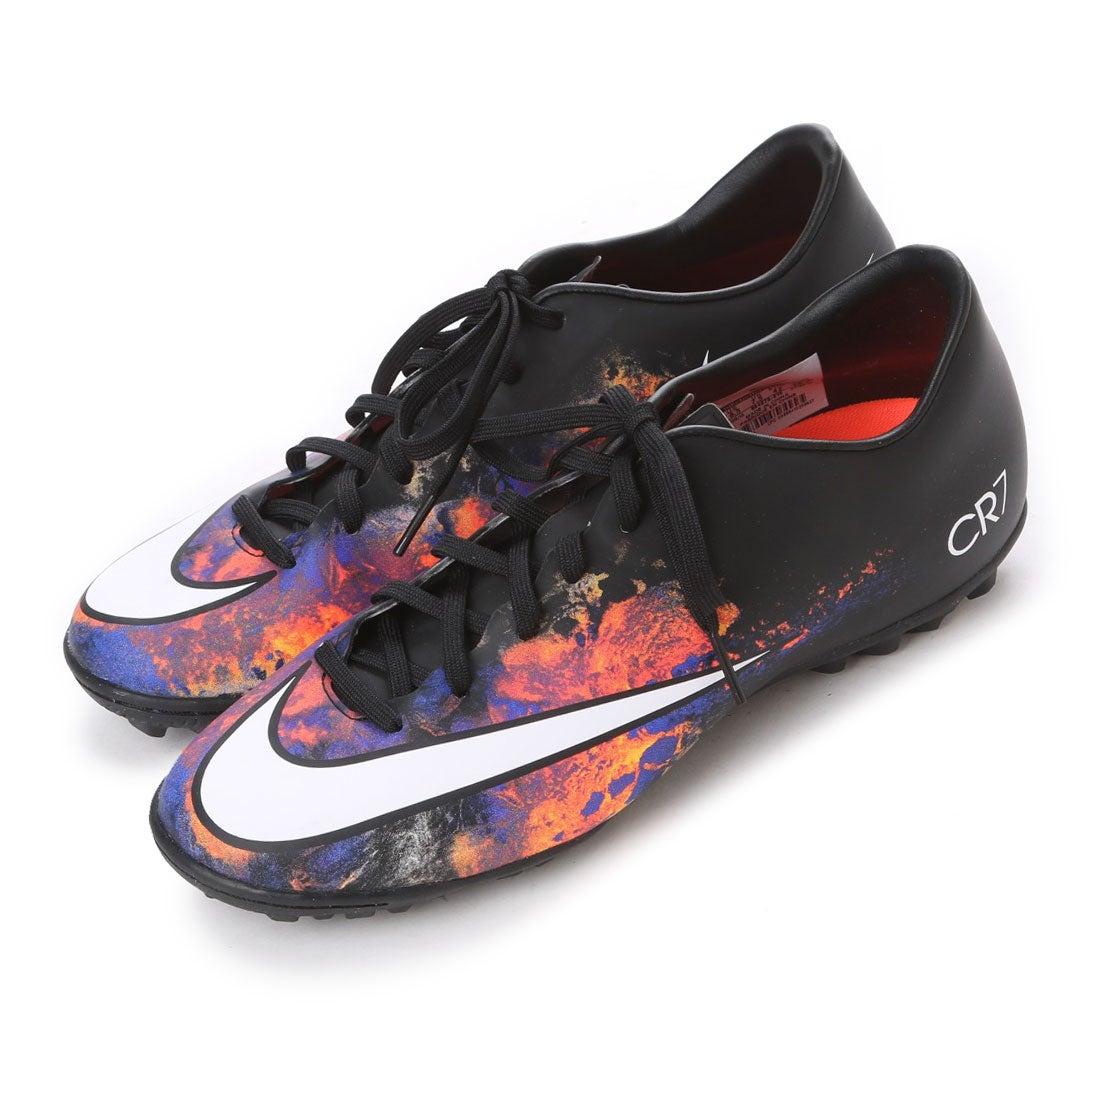 ナイキ NIKE サッカートレーニングシューズ マーキュリアル ビクトリー V CR TF MERCURIAL VICTORY 684878018 ブラック ,靴とファッションの通販サイト ロコンド